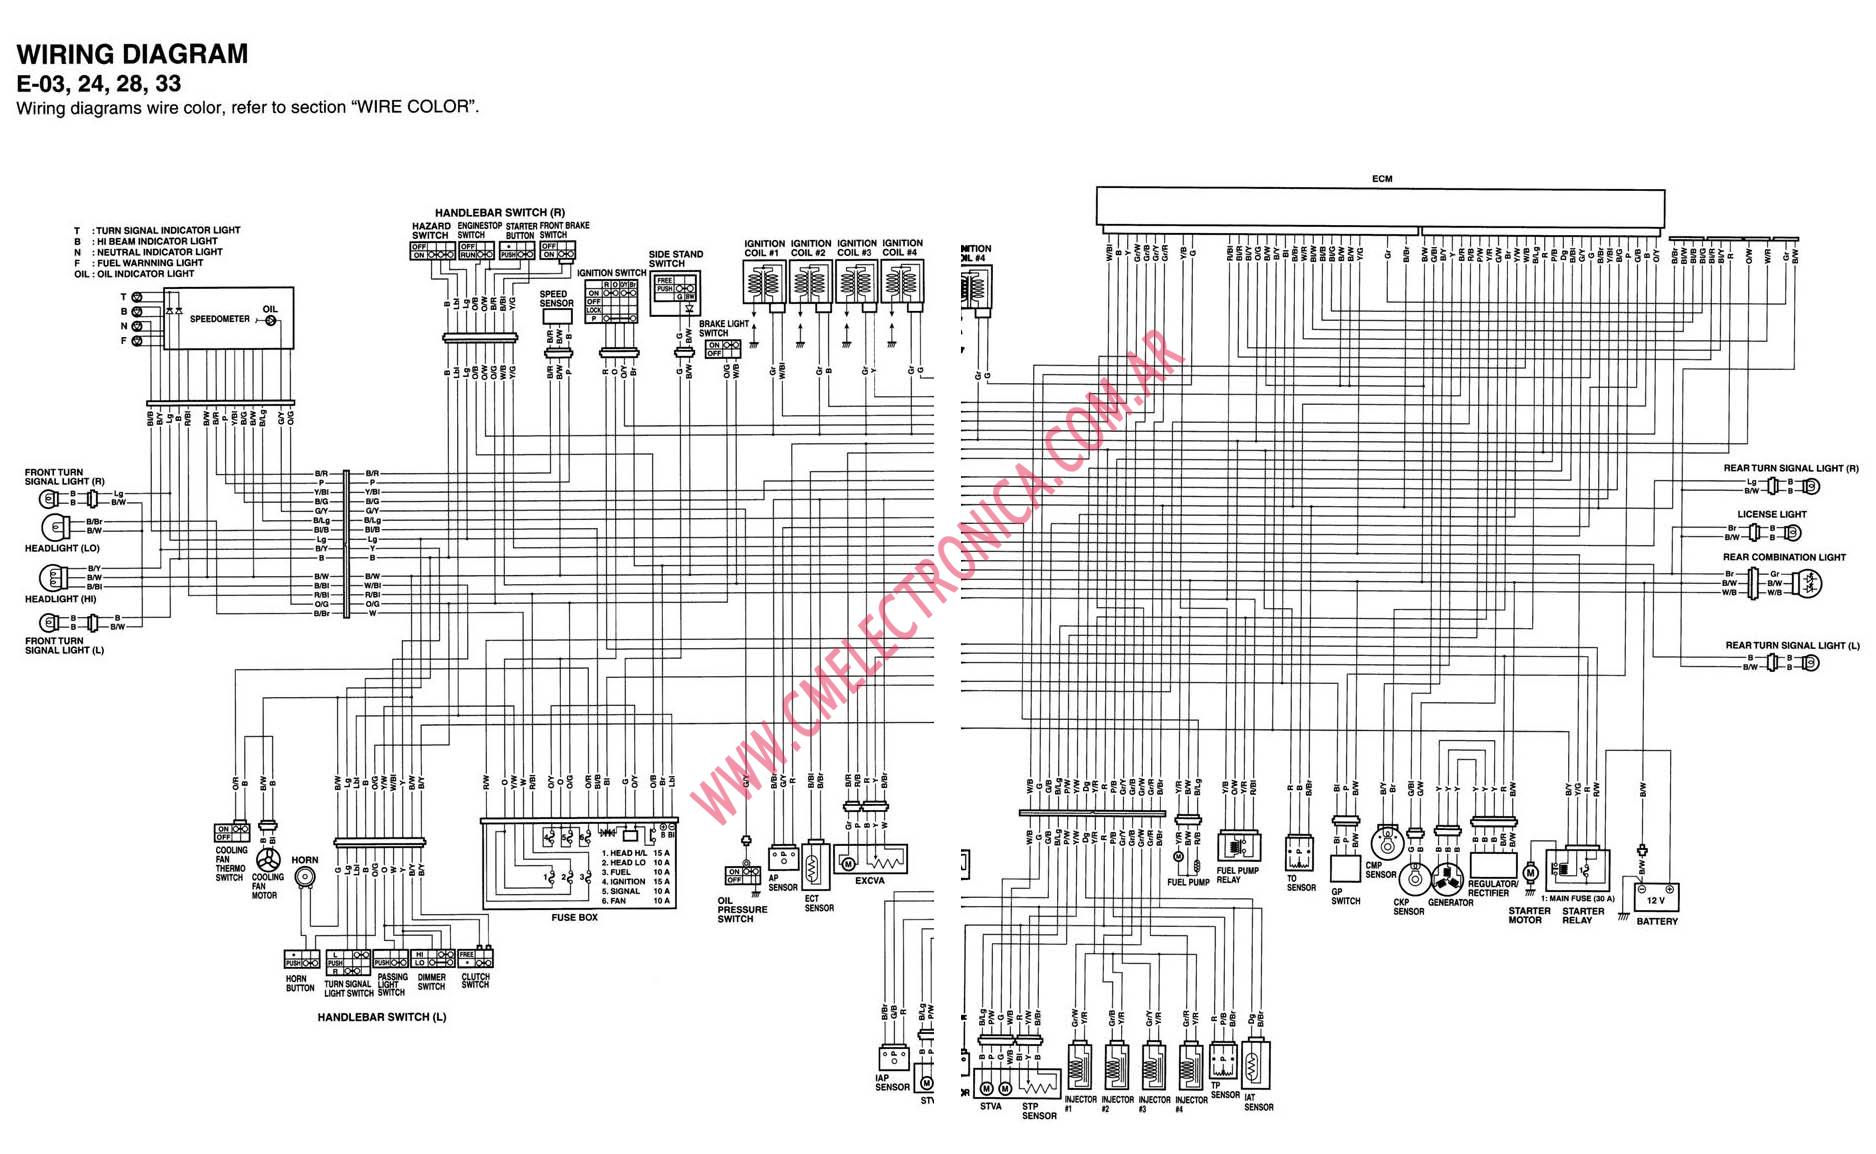 suzuki gsx r fuel pump wire diagram wy 0404  wiring diagram 2006 suzuki gsxr 1000 wiring diagram  wiring diagram 2006 suzuki gsxr 1000